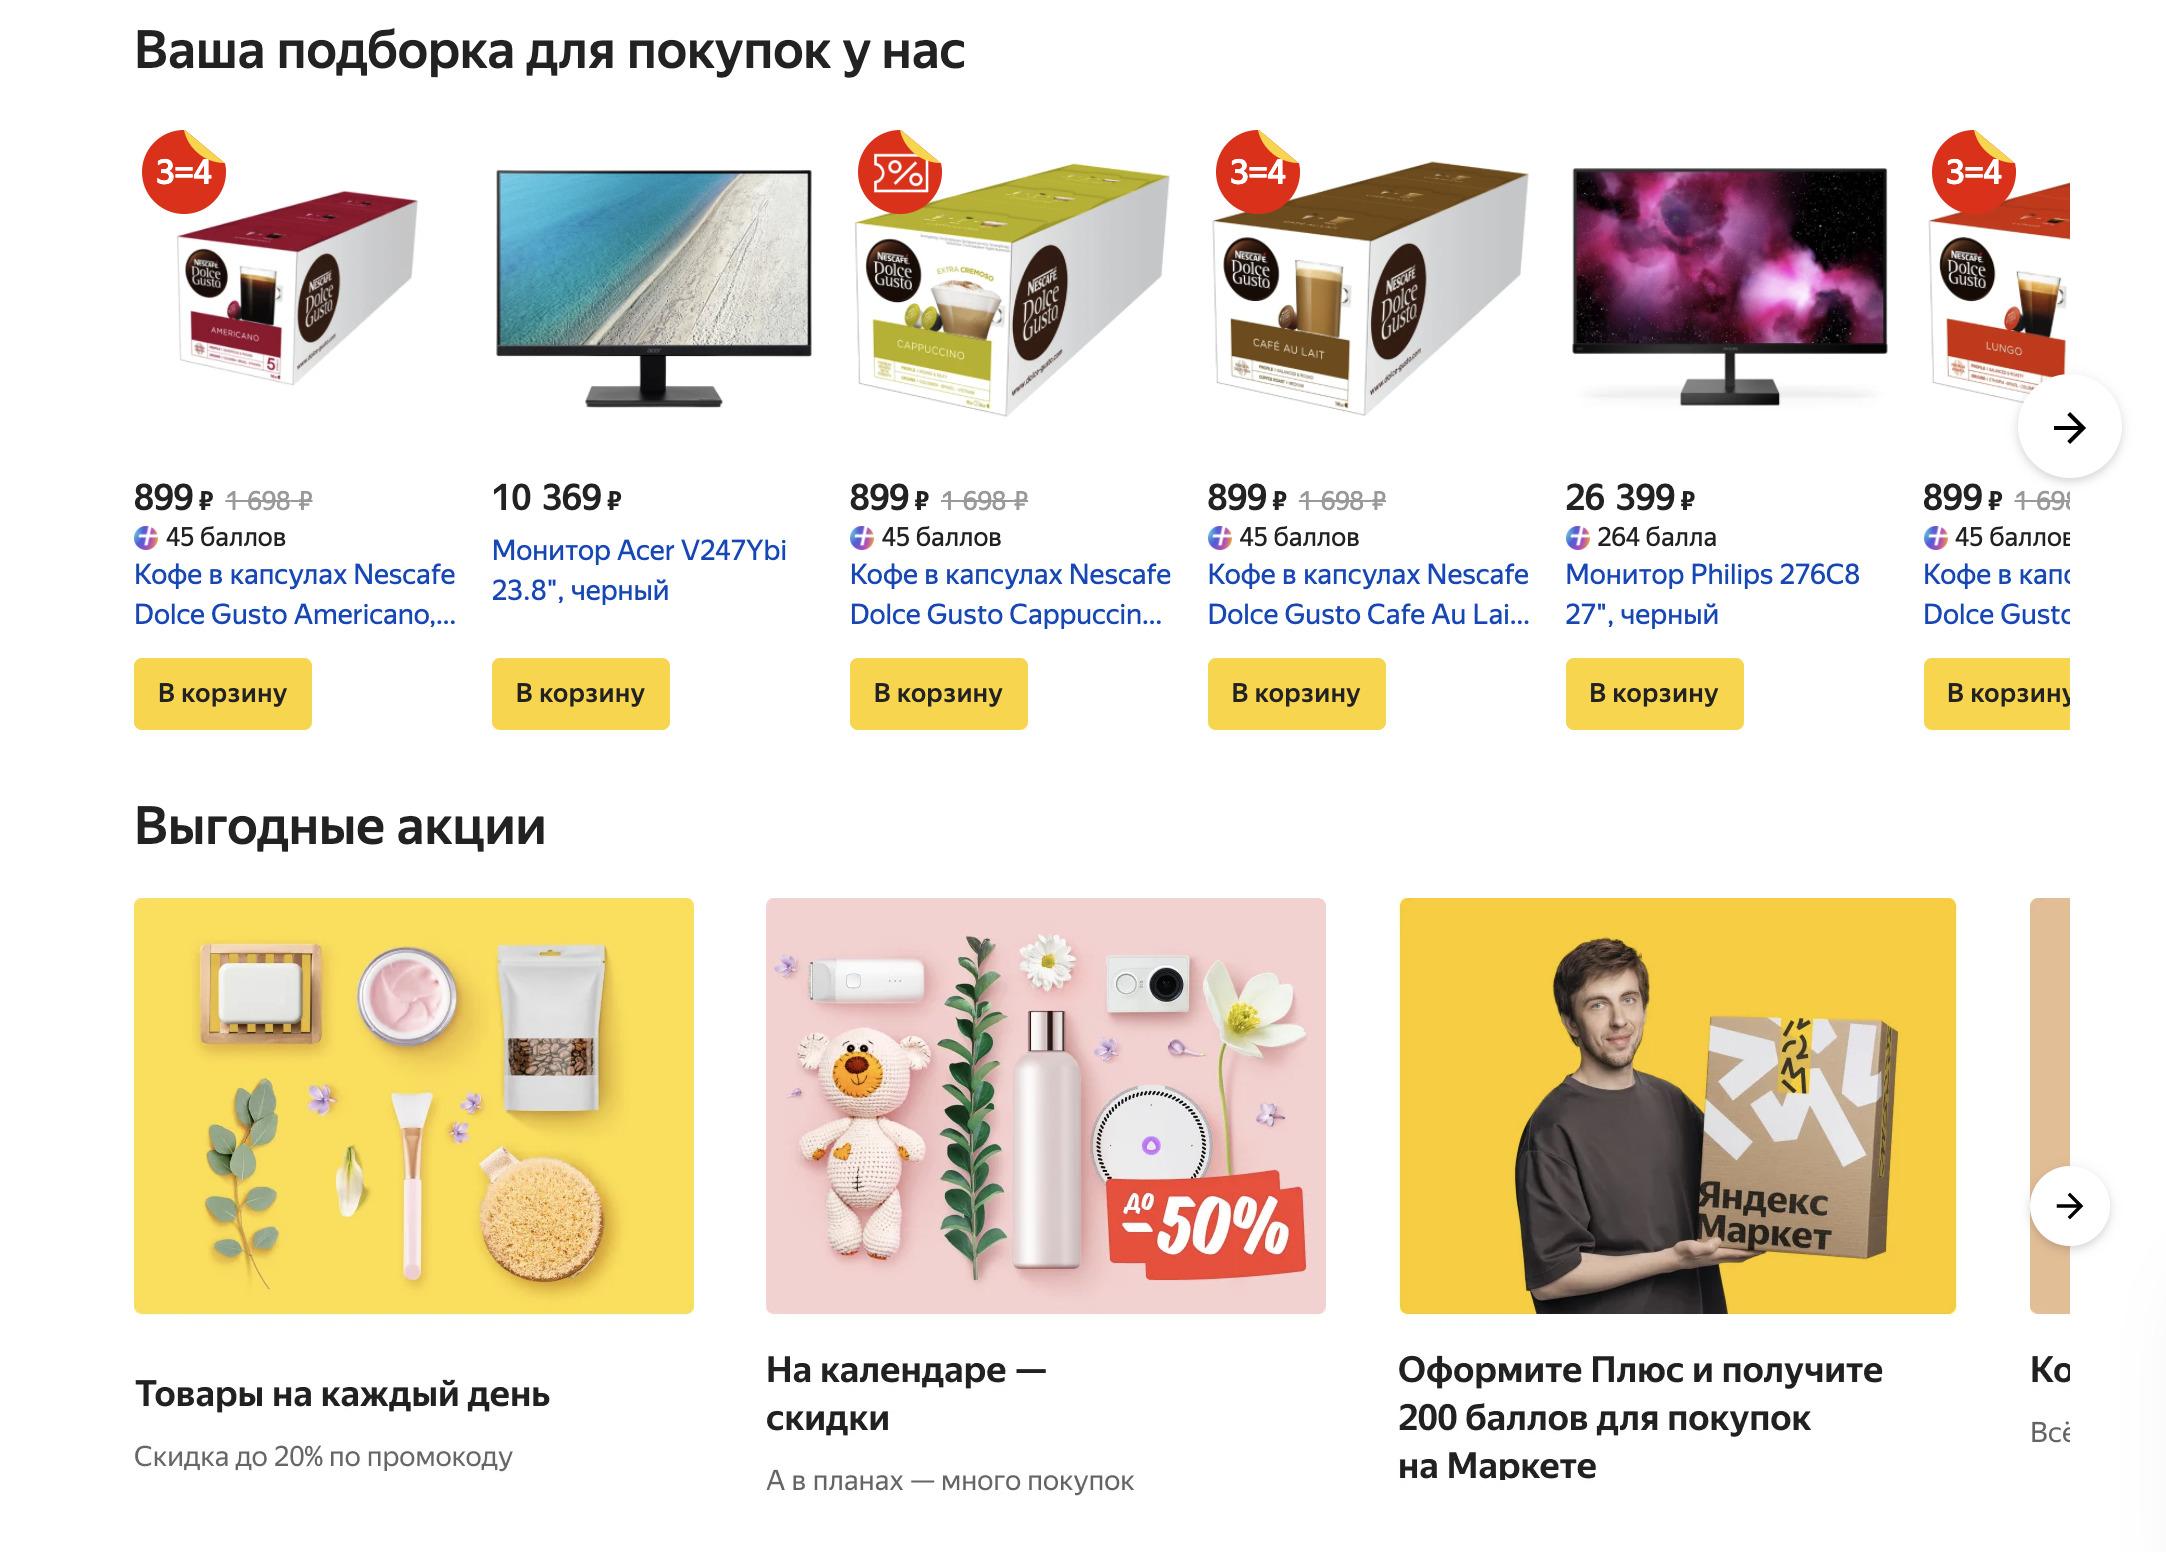 Доставка из Яндекс.Маркет в Ейск, сроки, пункты выдачи, каталог